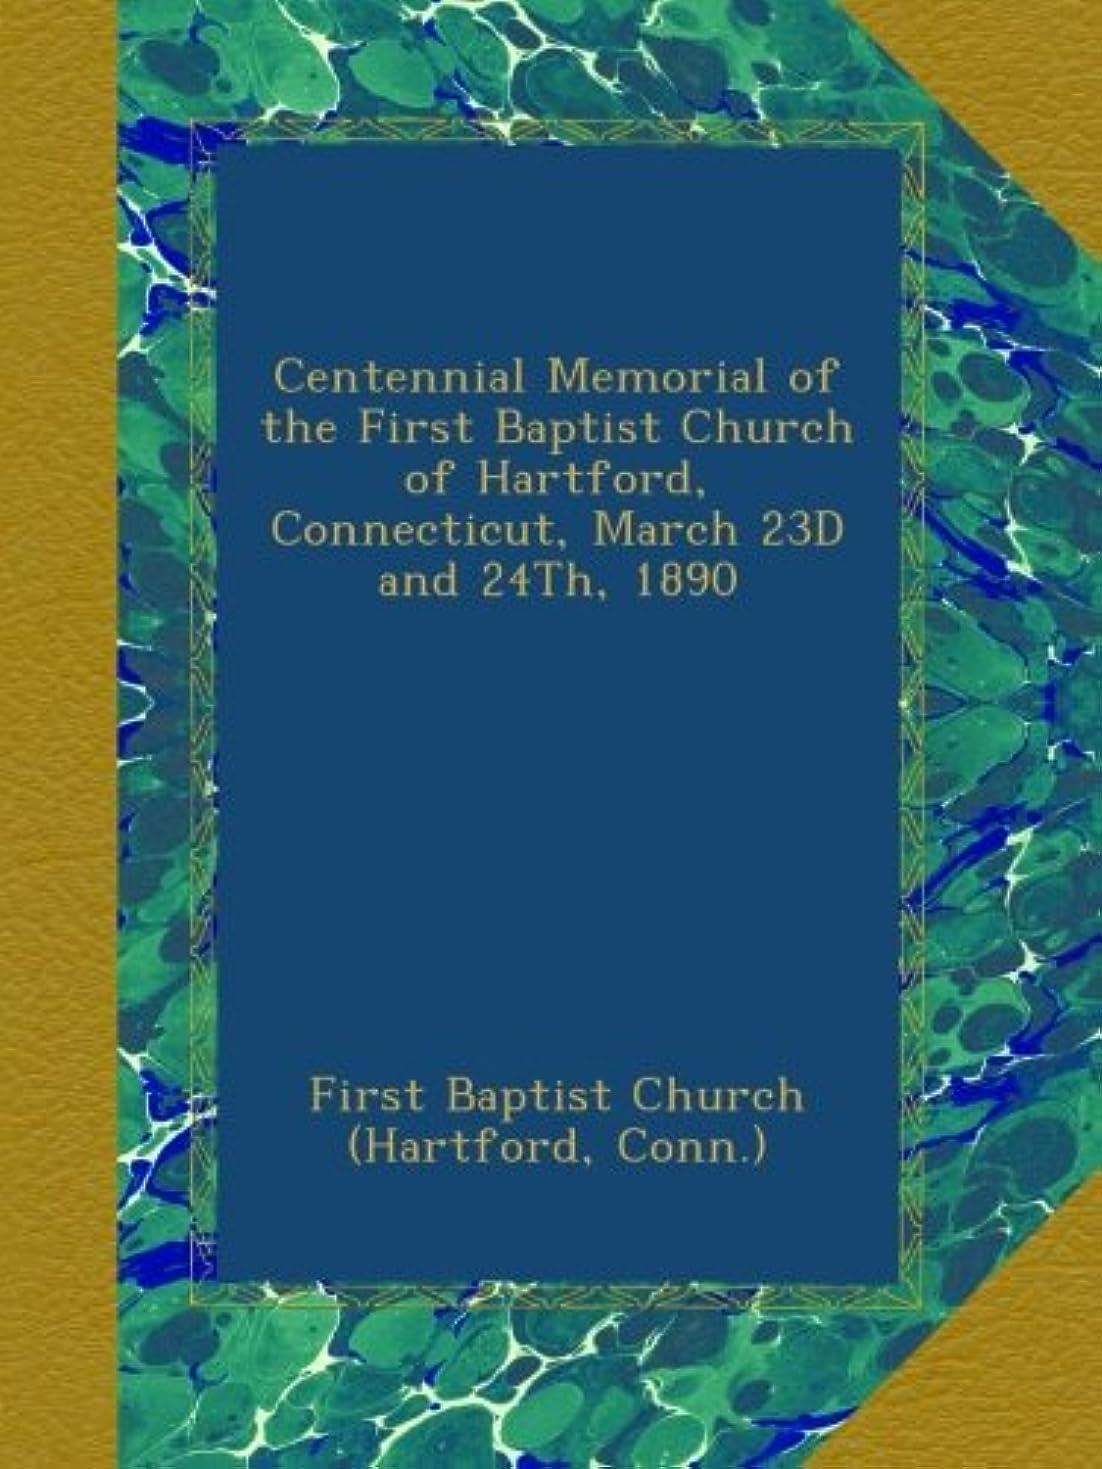 通行人関係ない好奇心Centennial Memorial of the First Baptist Church of Hartford, Connecticut, March 23D and 24Th, 1890